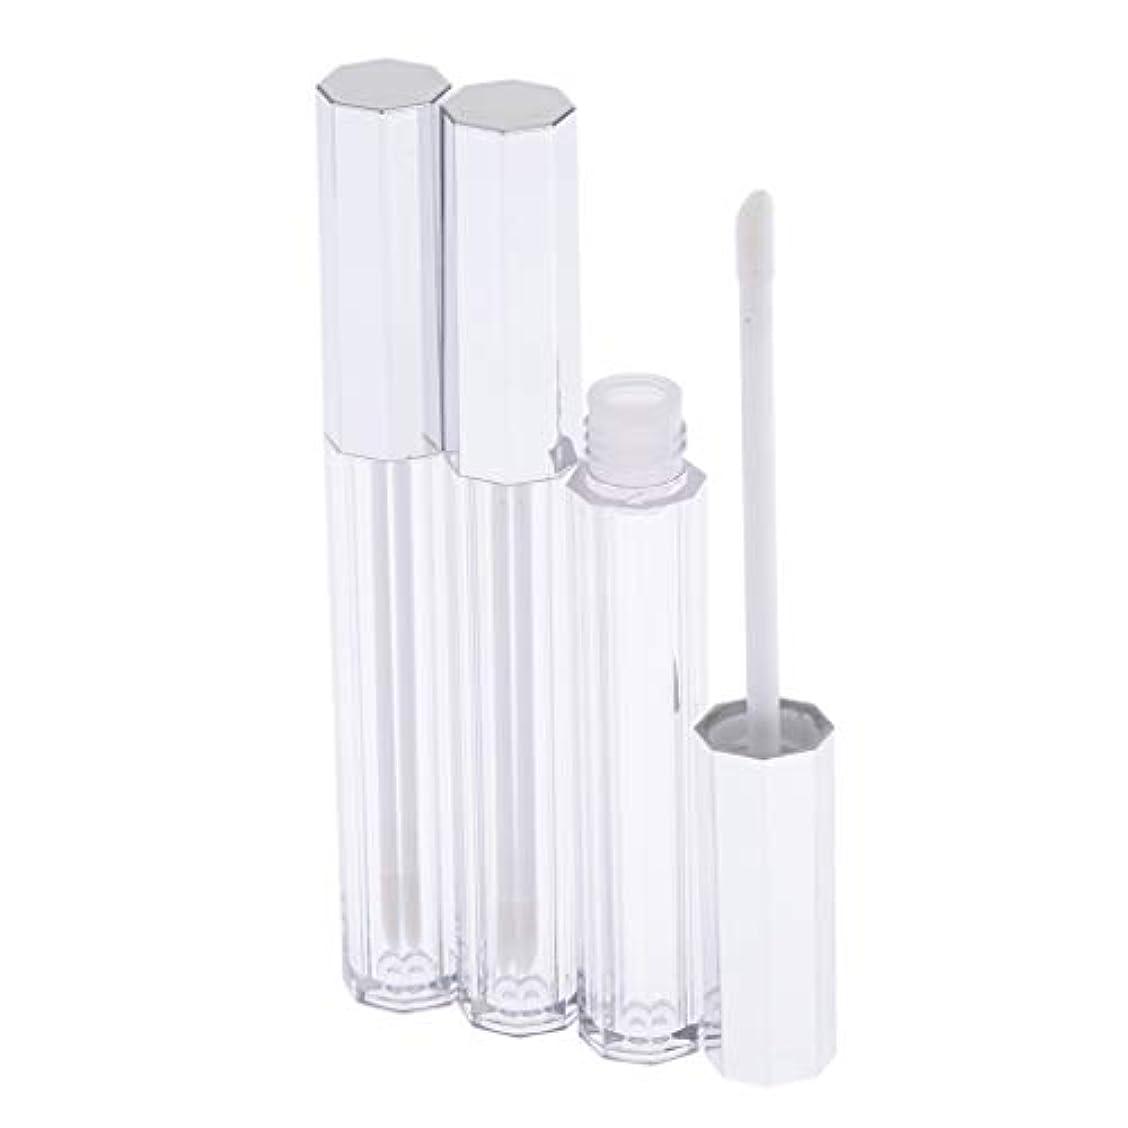 賛美歌皮肉簡略化するSM SunniMix リップグロス 容器 チューブ クリア リップスティックチューブ プラスチック 5ml 3個セット